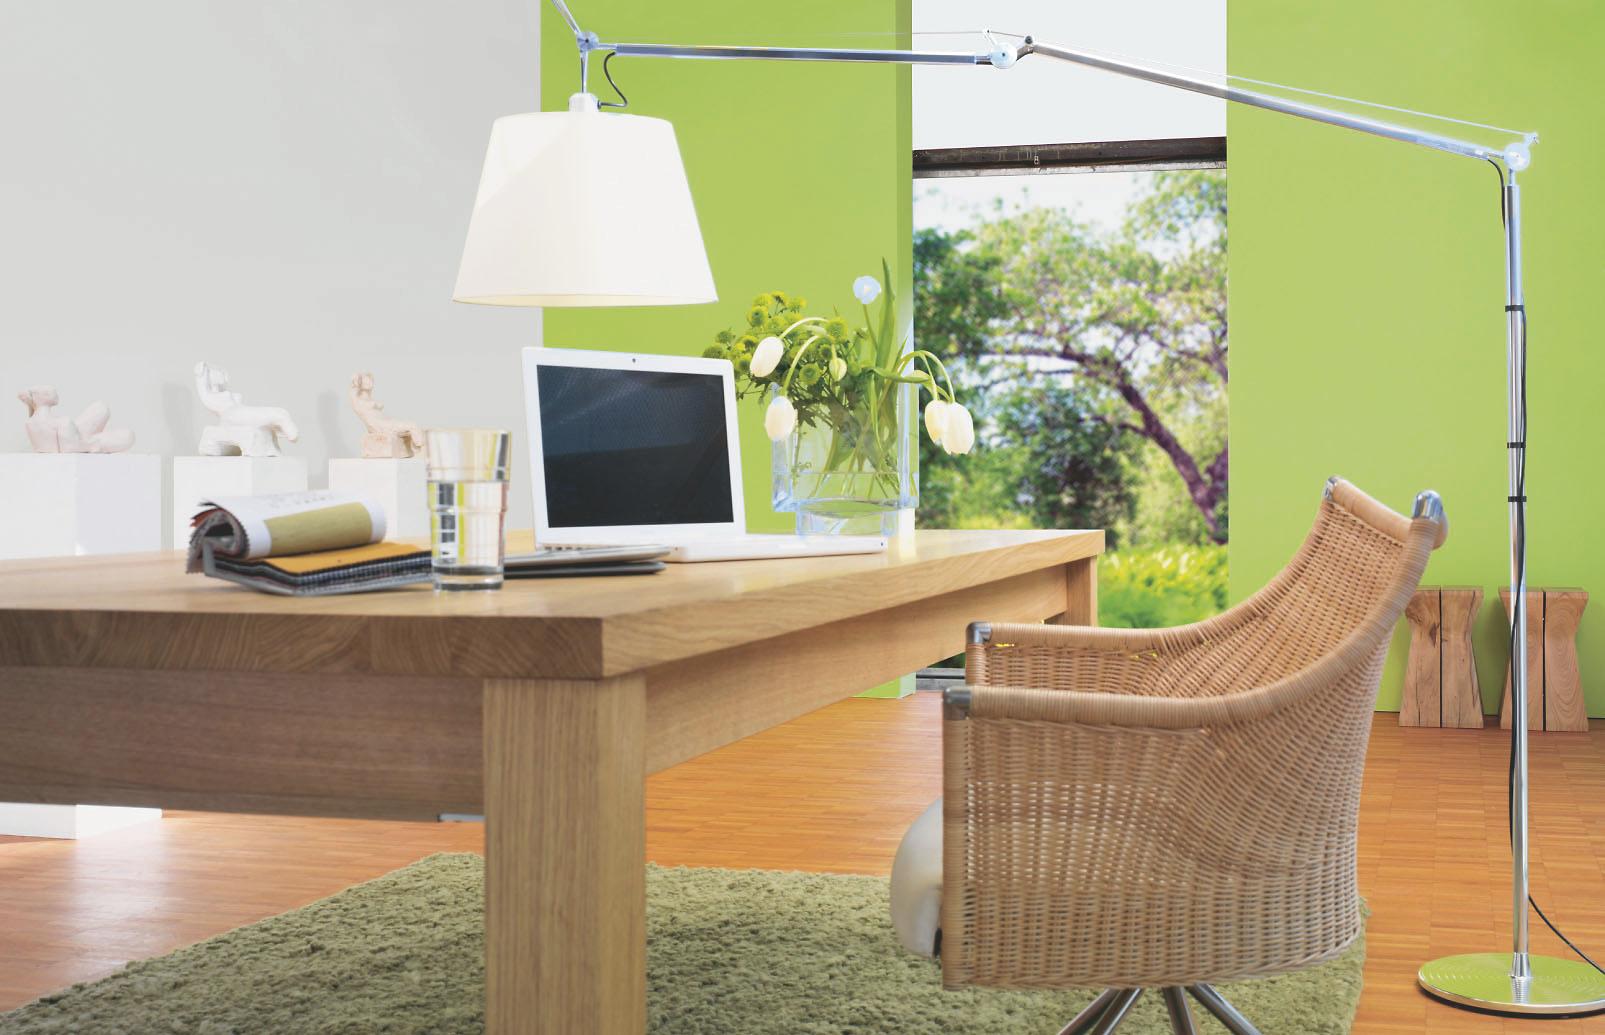 Welche Wandfarbe Zu Welchem Holz Farben Passt Alpina Farbe Einrichten